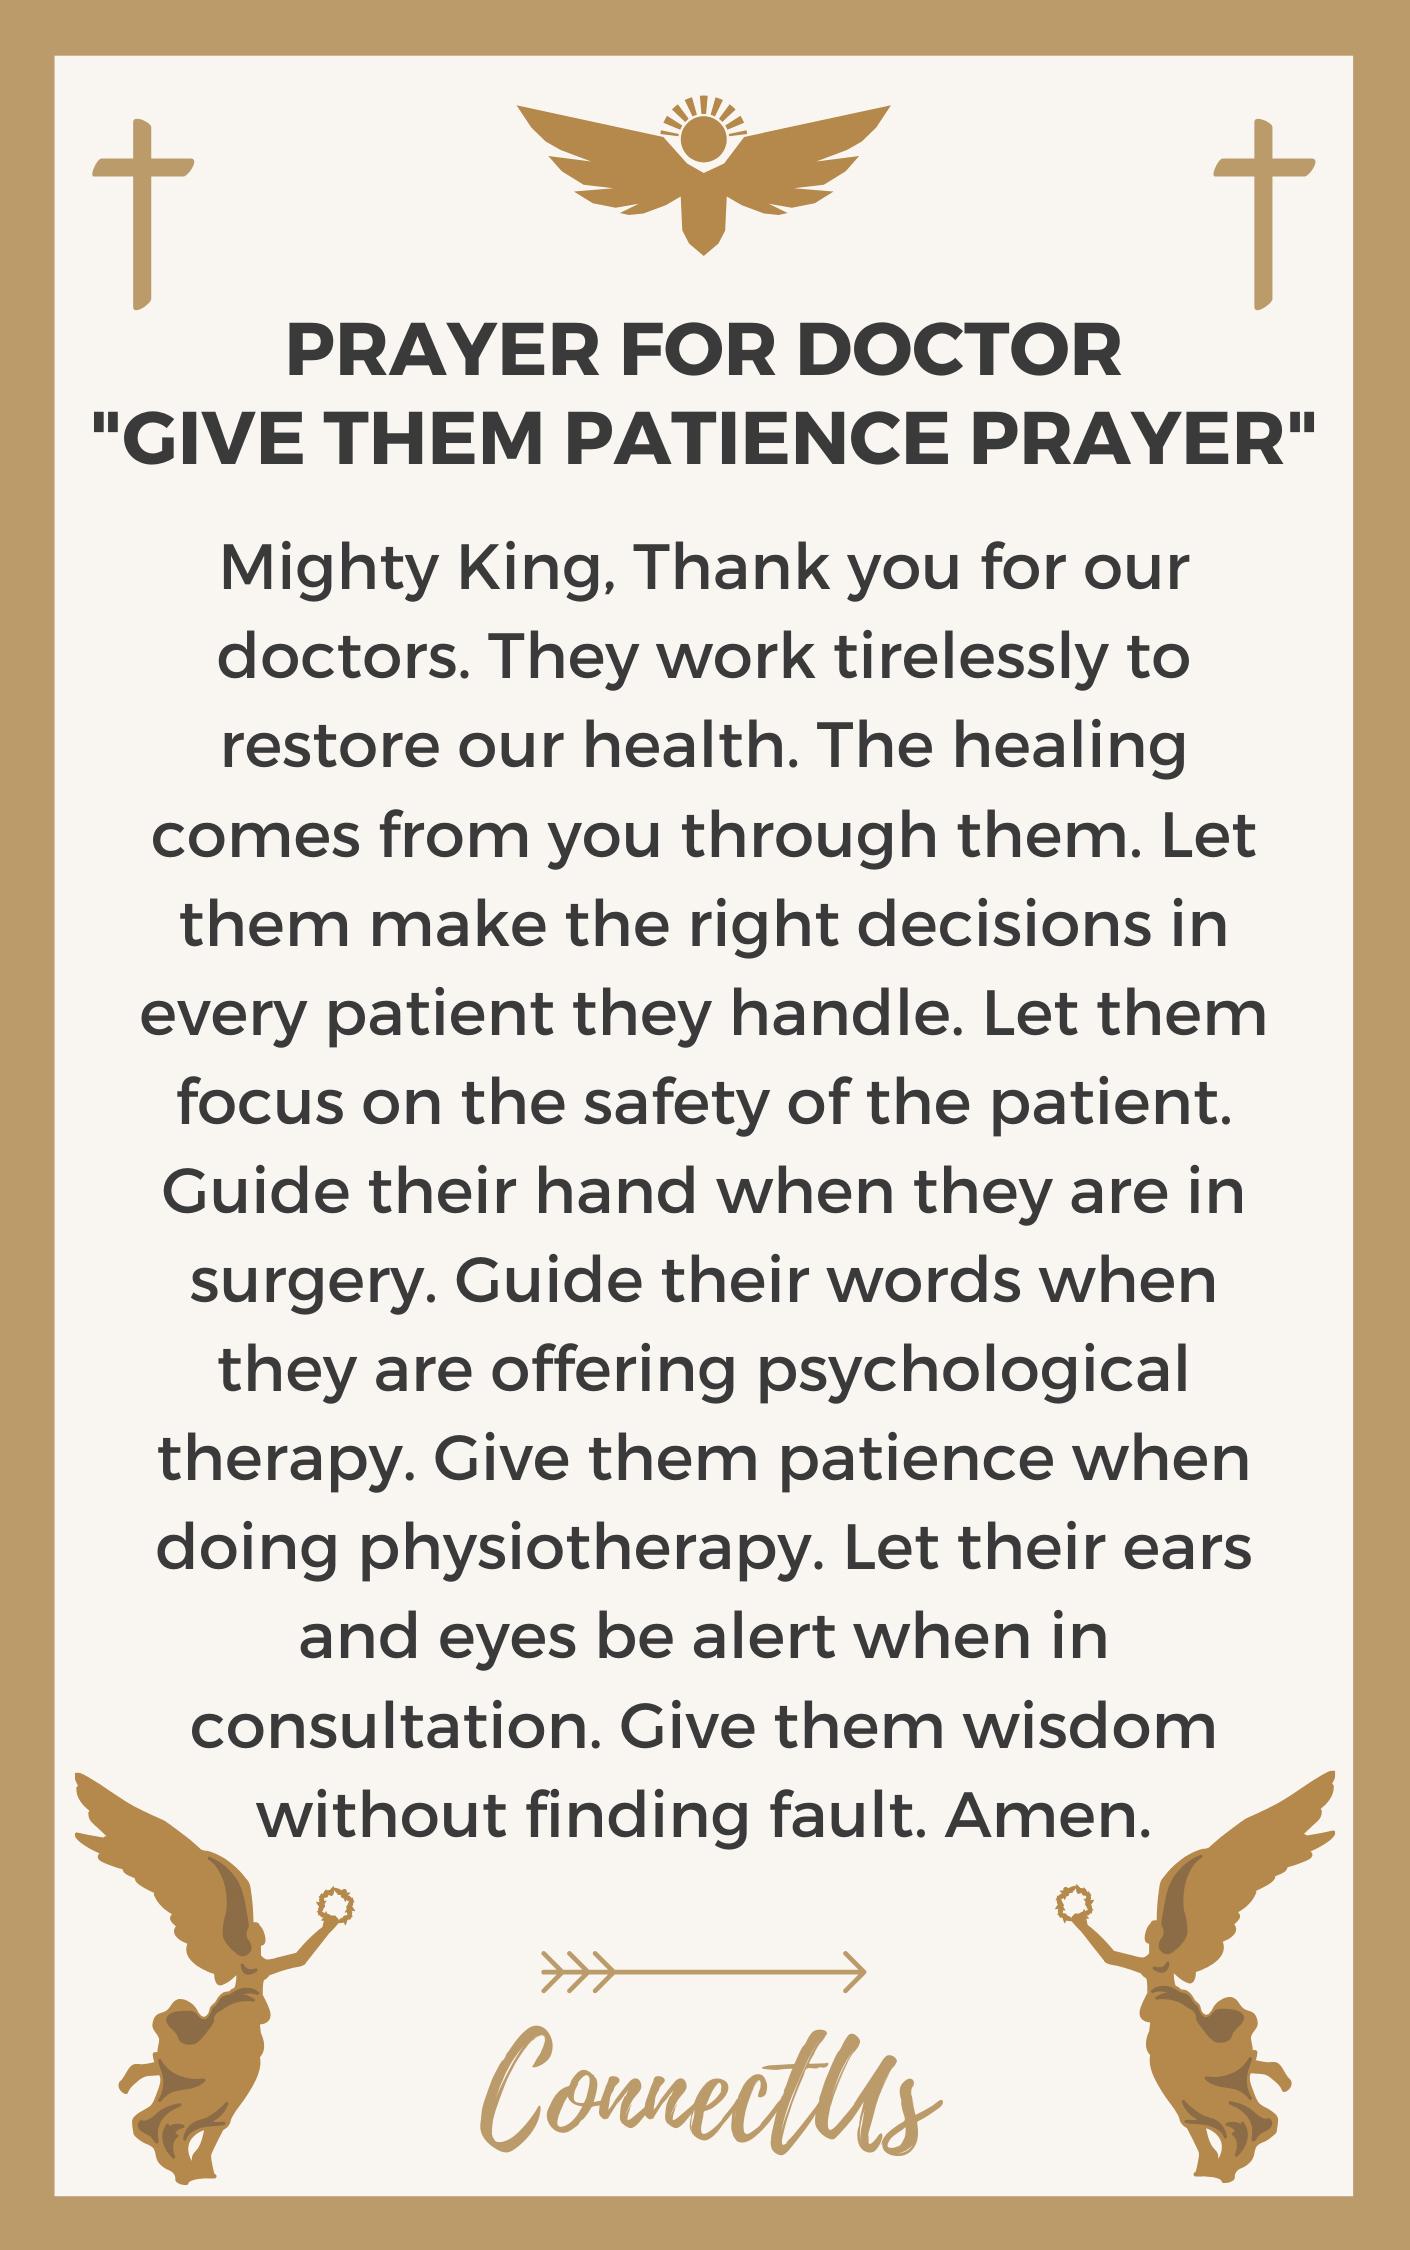 Prayer-for-Doctor-5